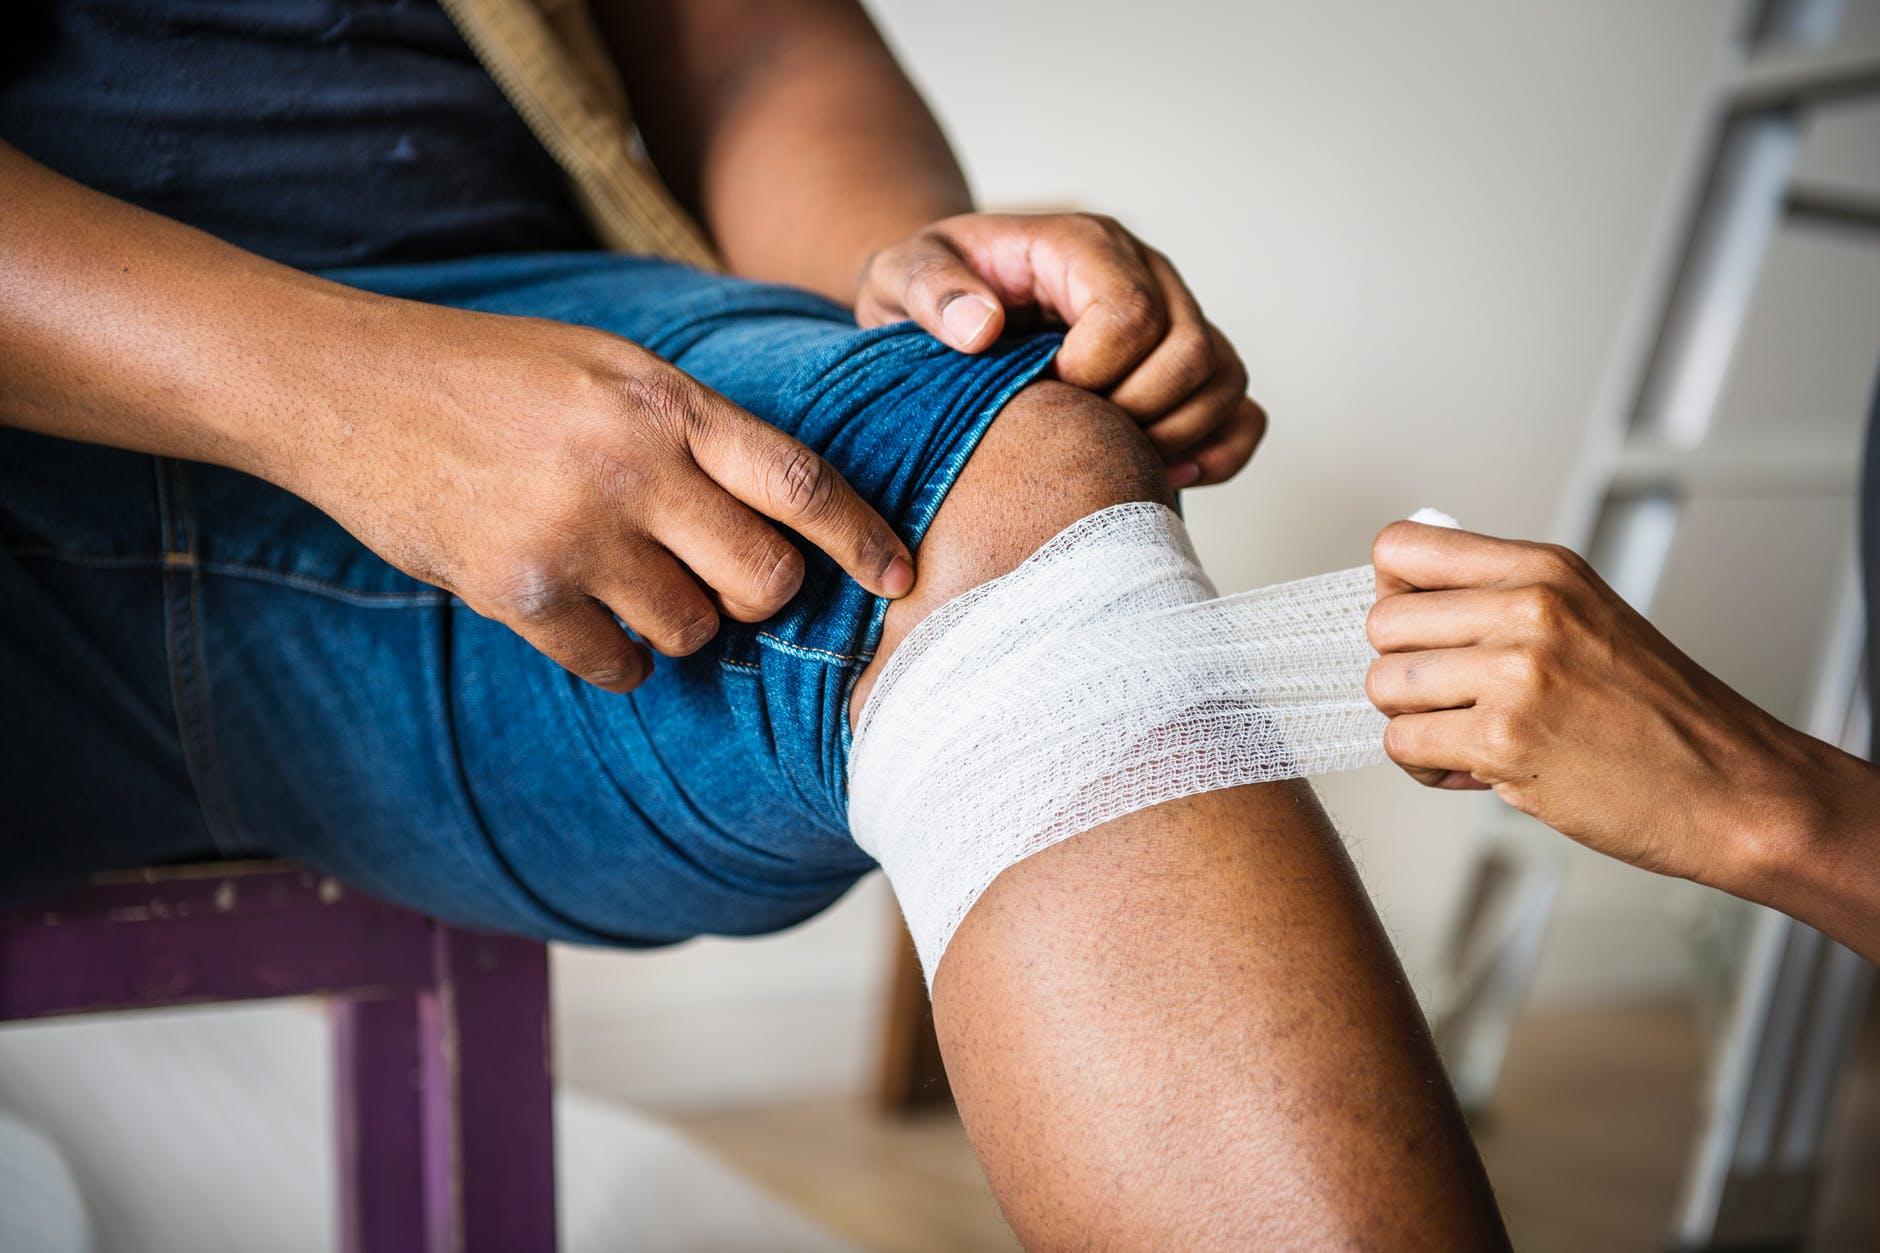 muskarac noga imobilizacija invalidnost ozljeda rana ozeblina